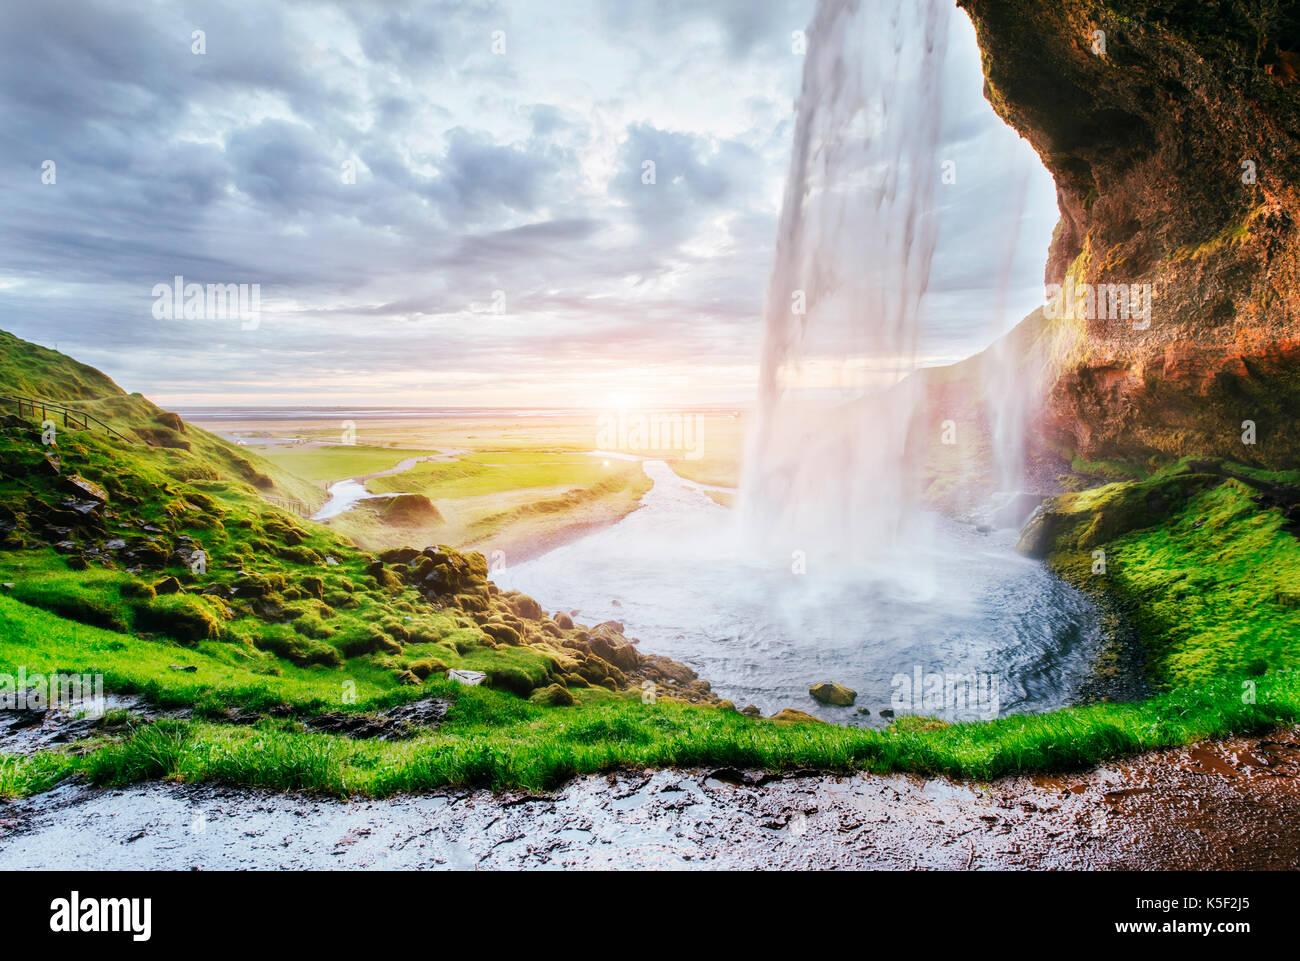 Cascata seljalandfoss al tramonto. ponte sopra il fiume. fantastica natura Islanda Immagini Stock